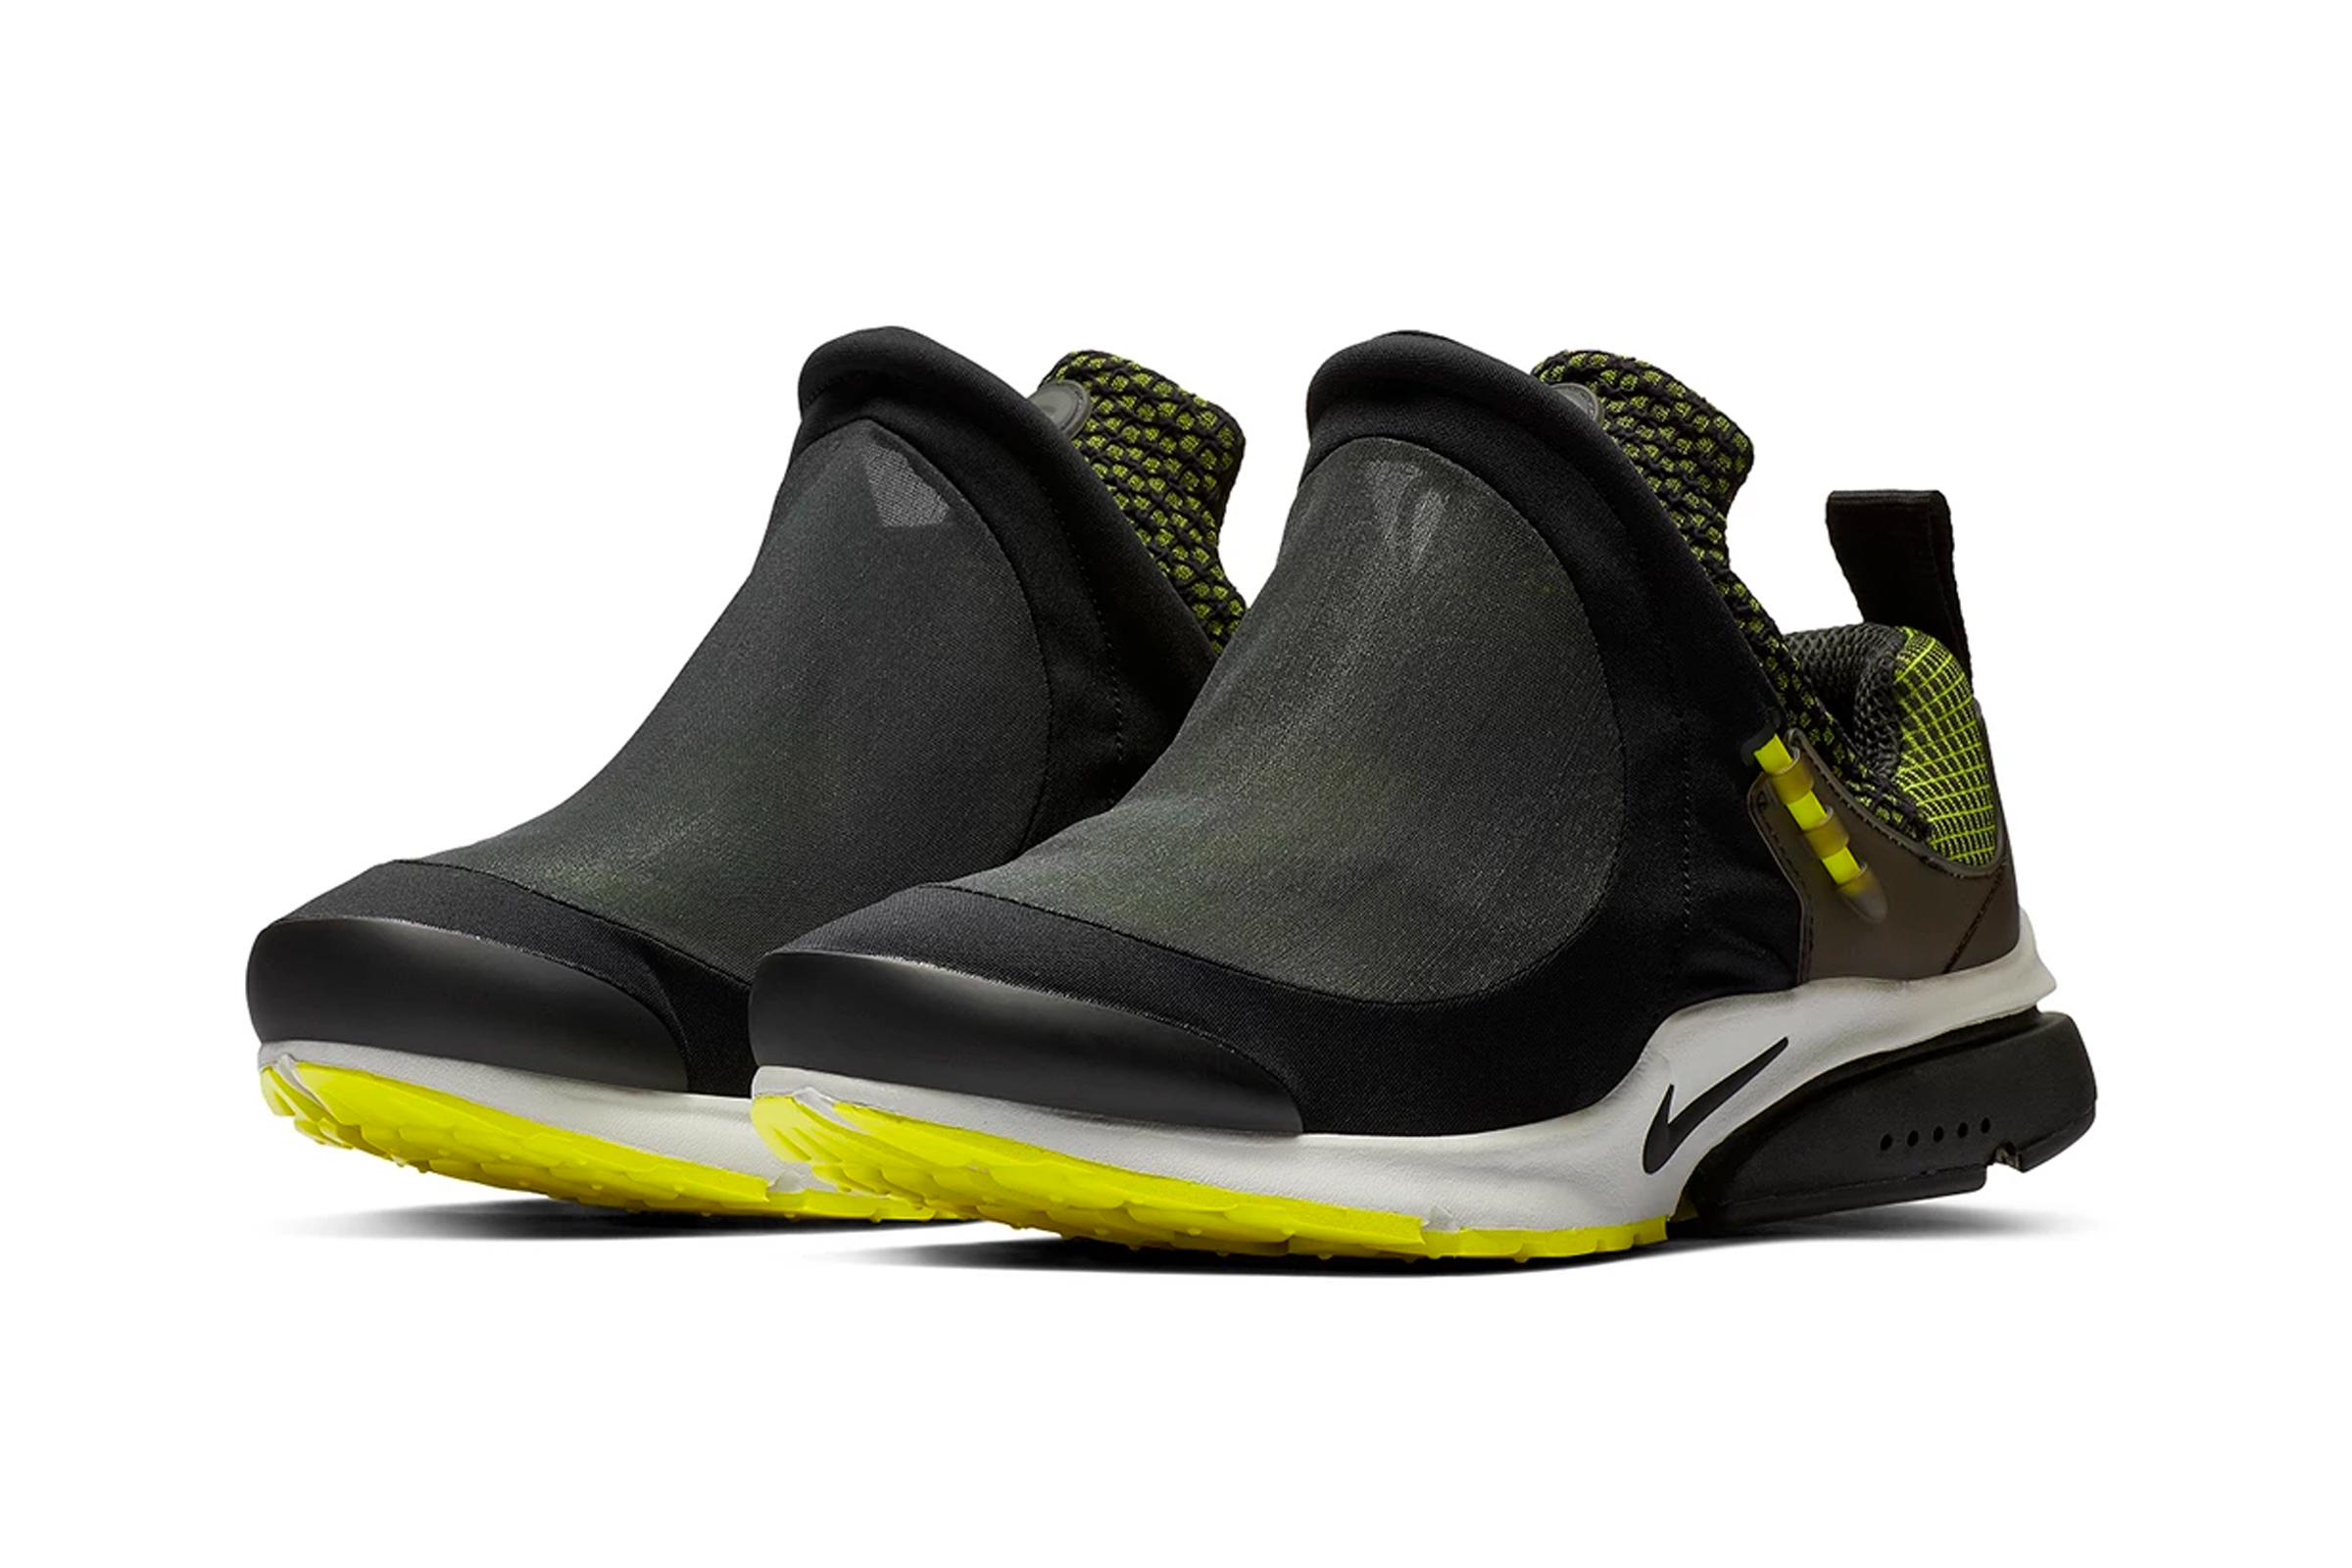 sports shoes 719ea 26ac1 The Comme des Garçons Homme Plus x Nike Air Presto Foot Tent Drops January  12